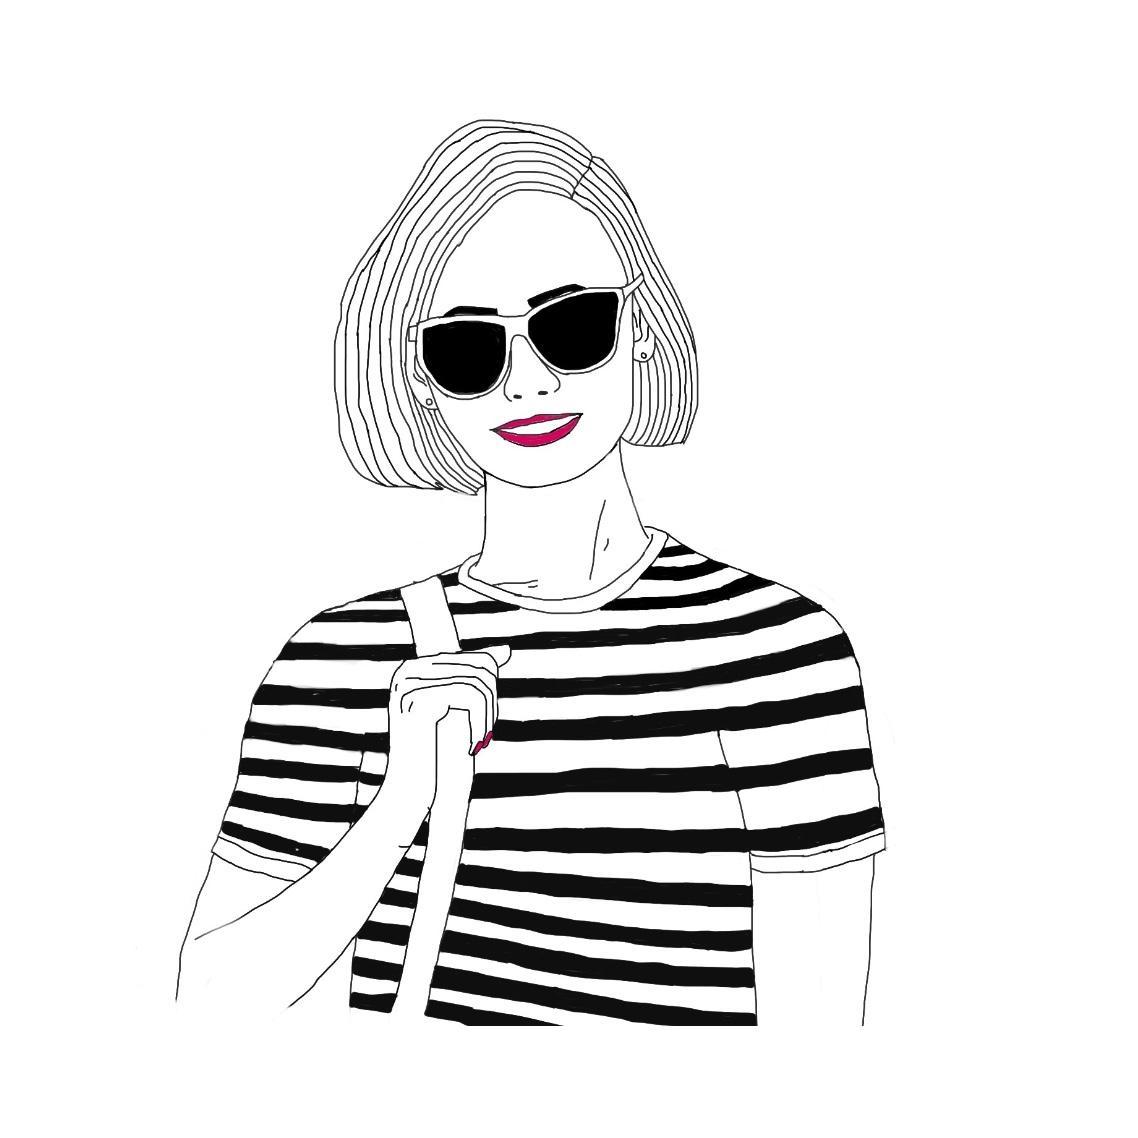 シンプルでオシャレな似顔絵イラスト描きます アイコンや名刺にお使い下さい商用利用はご相談